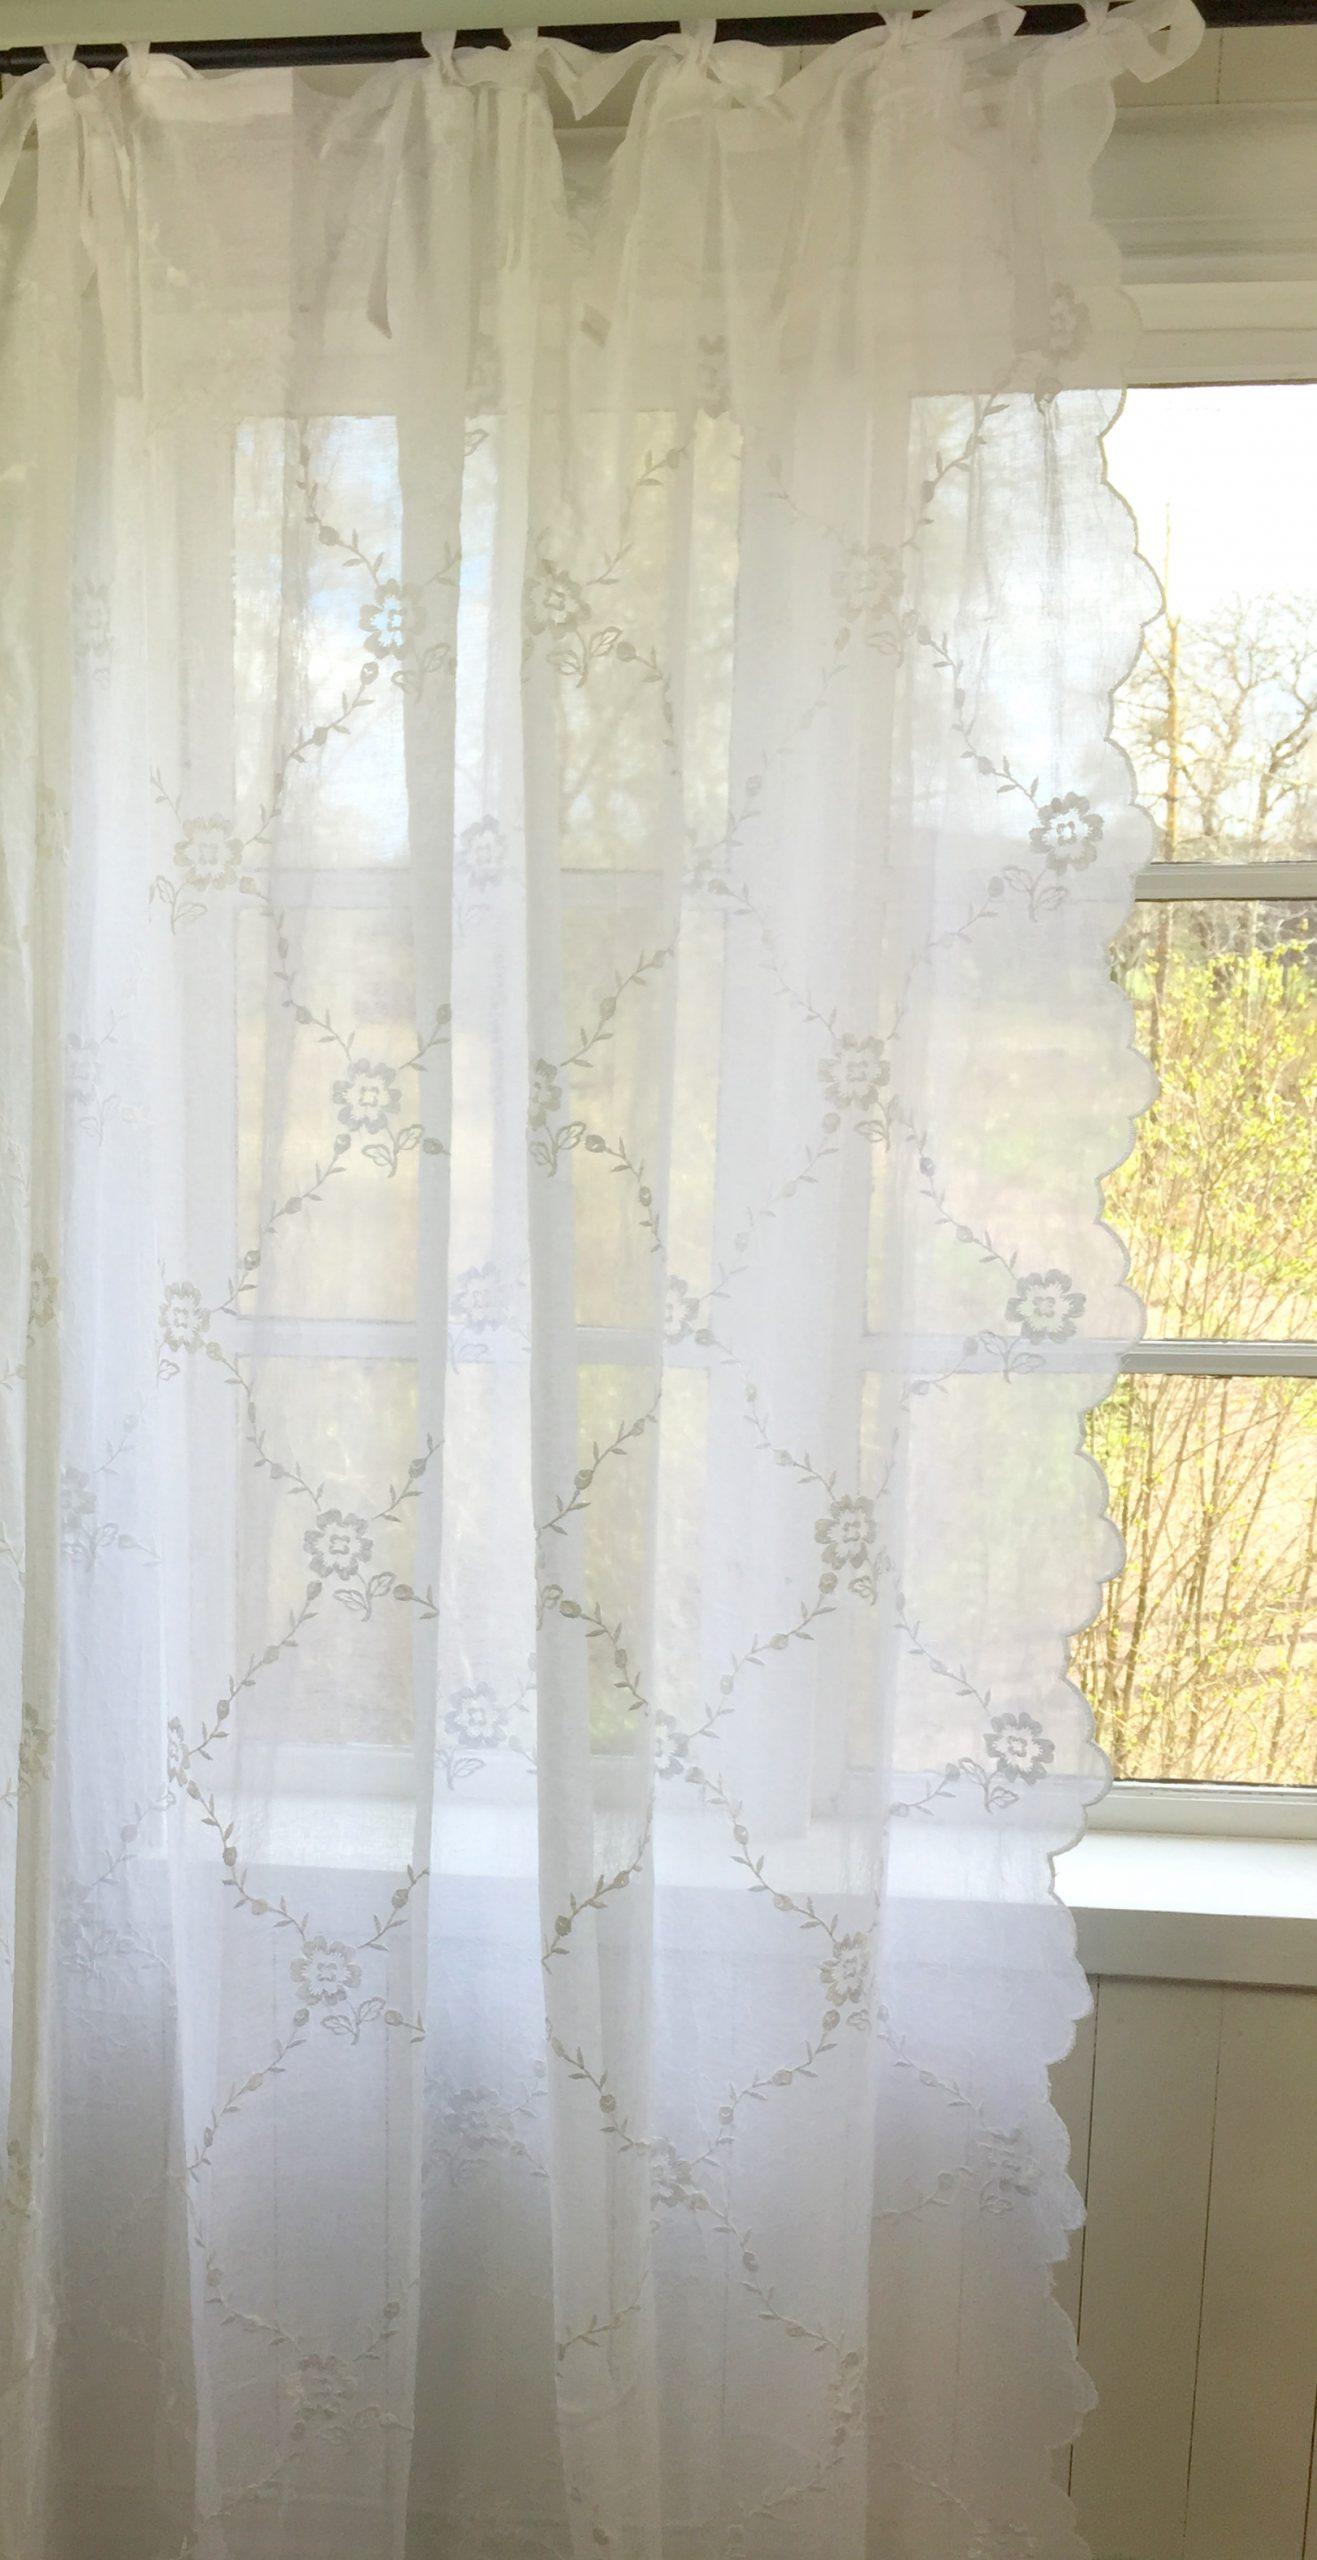 Full Size of Gardinen Landhausstil Wei Schal Chiara Bestickt 200x250 Cm Shabby Vintage Sofa Küche Scheibengardinen Bett Schlafzimmer Für Die Wohnzimmer Esstisch Fenster Wohnzimmer Gardinen Landhausstil